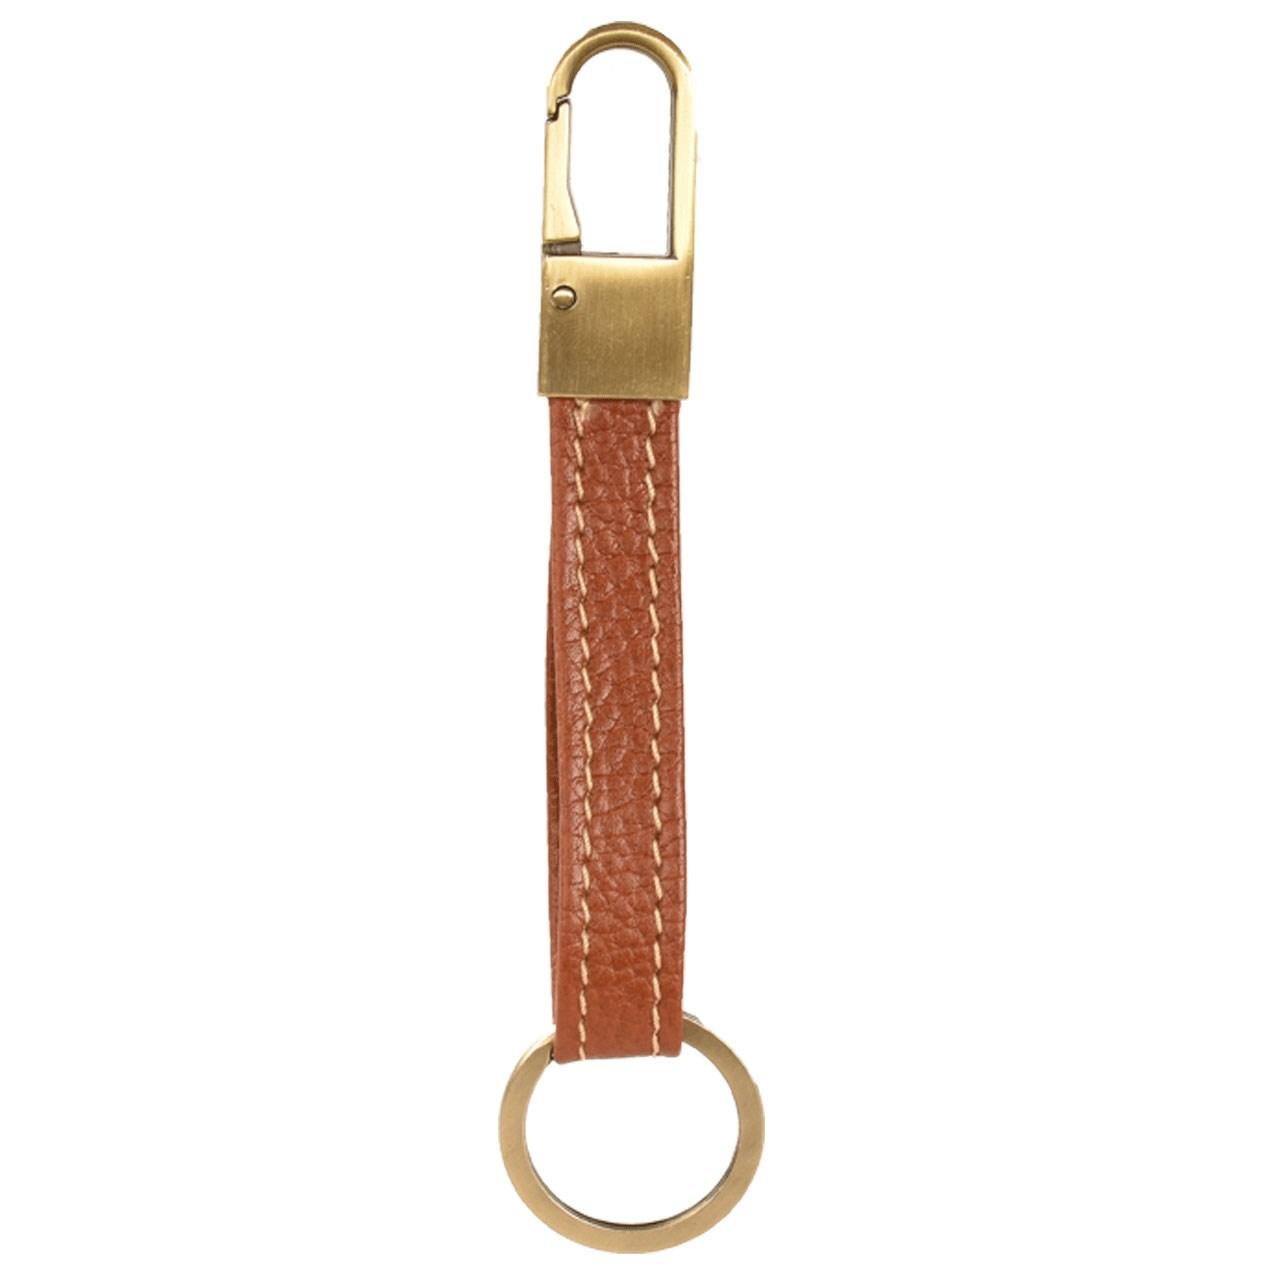 قیمت جا کلیدی چرمی کهن چرم مدل Kh31- 1